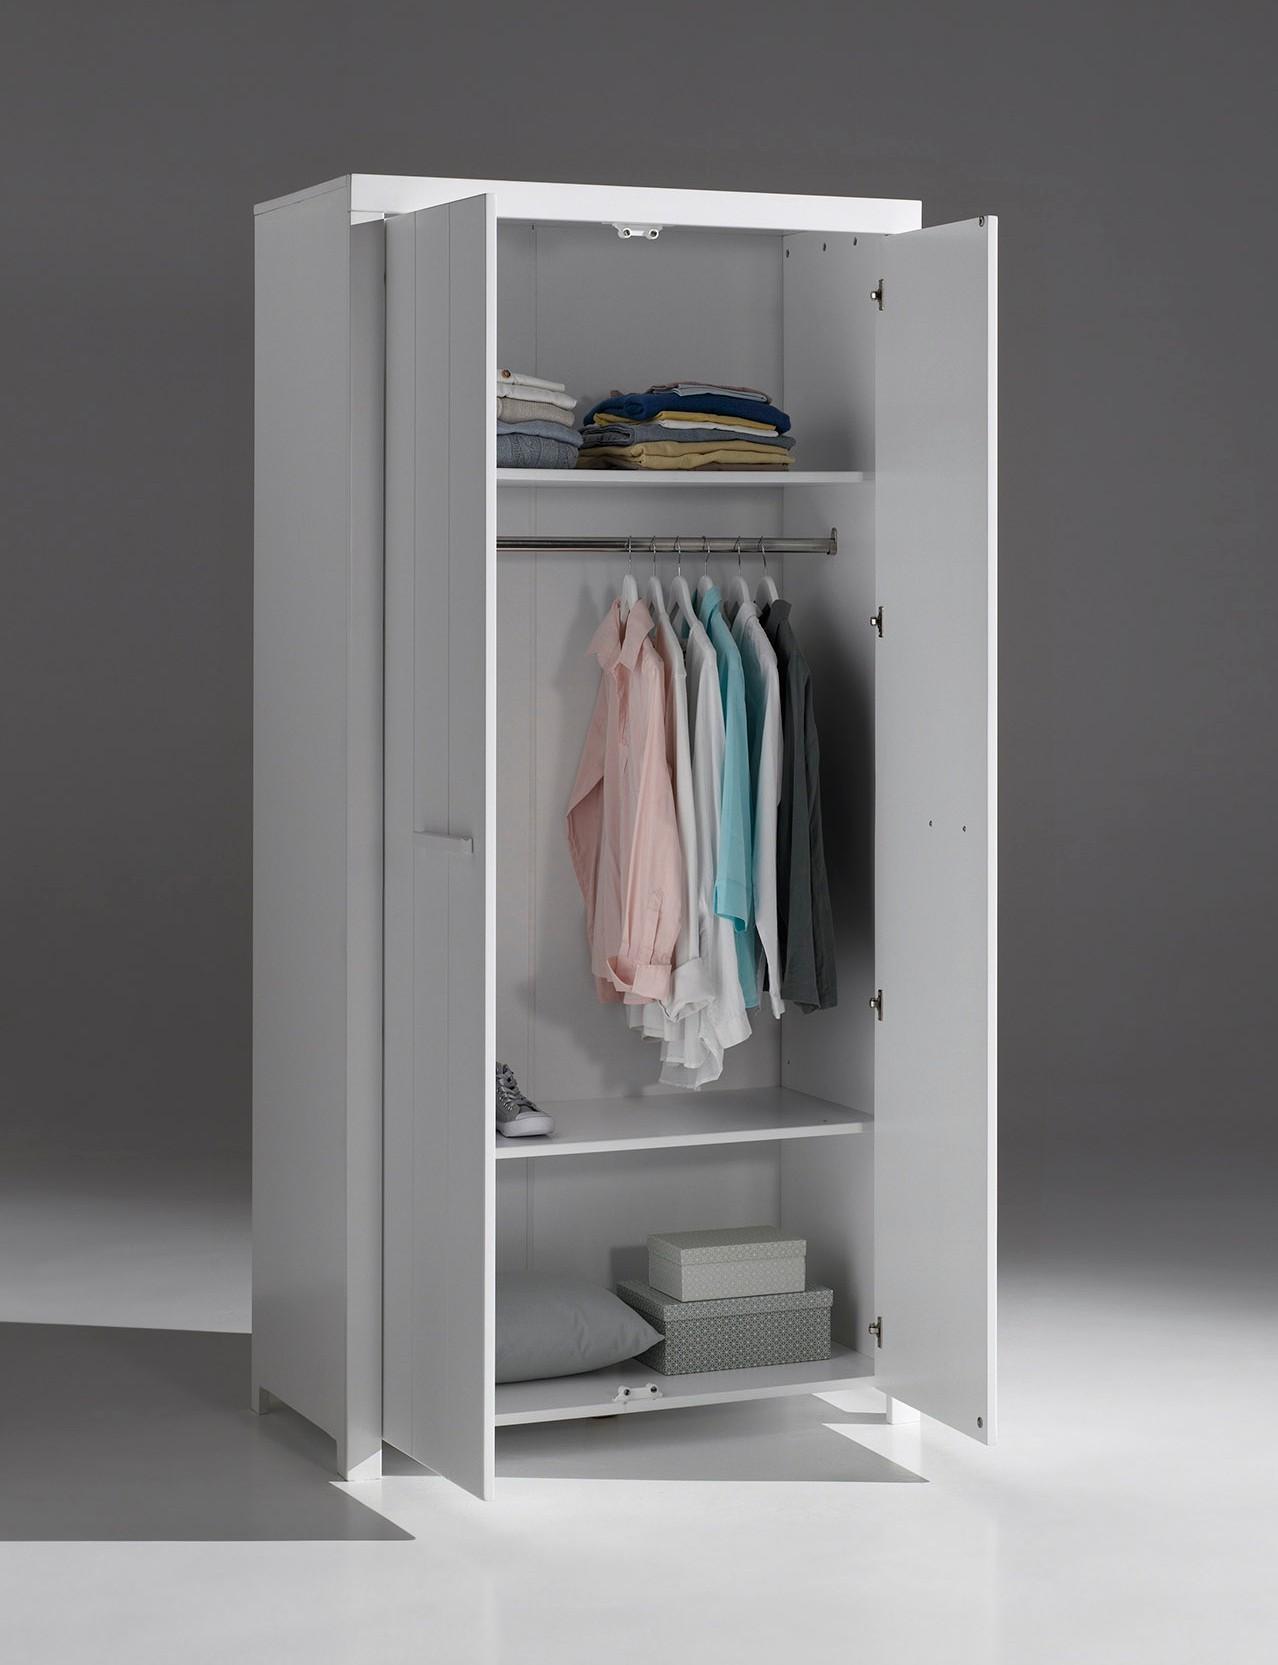 Kleiderschrank 2 Türig Weiß : kleiderschrank erik 2 t rig wei kinder kleiderschr nke ~ Watch28wear.com Haus und Dekorationen